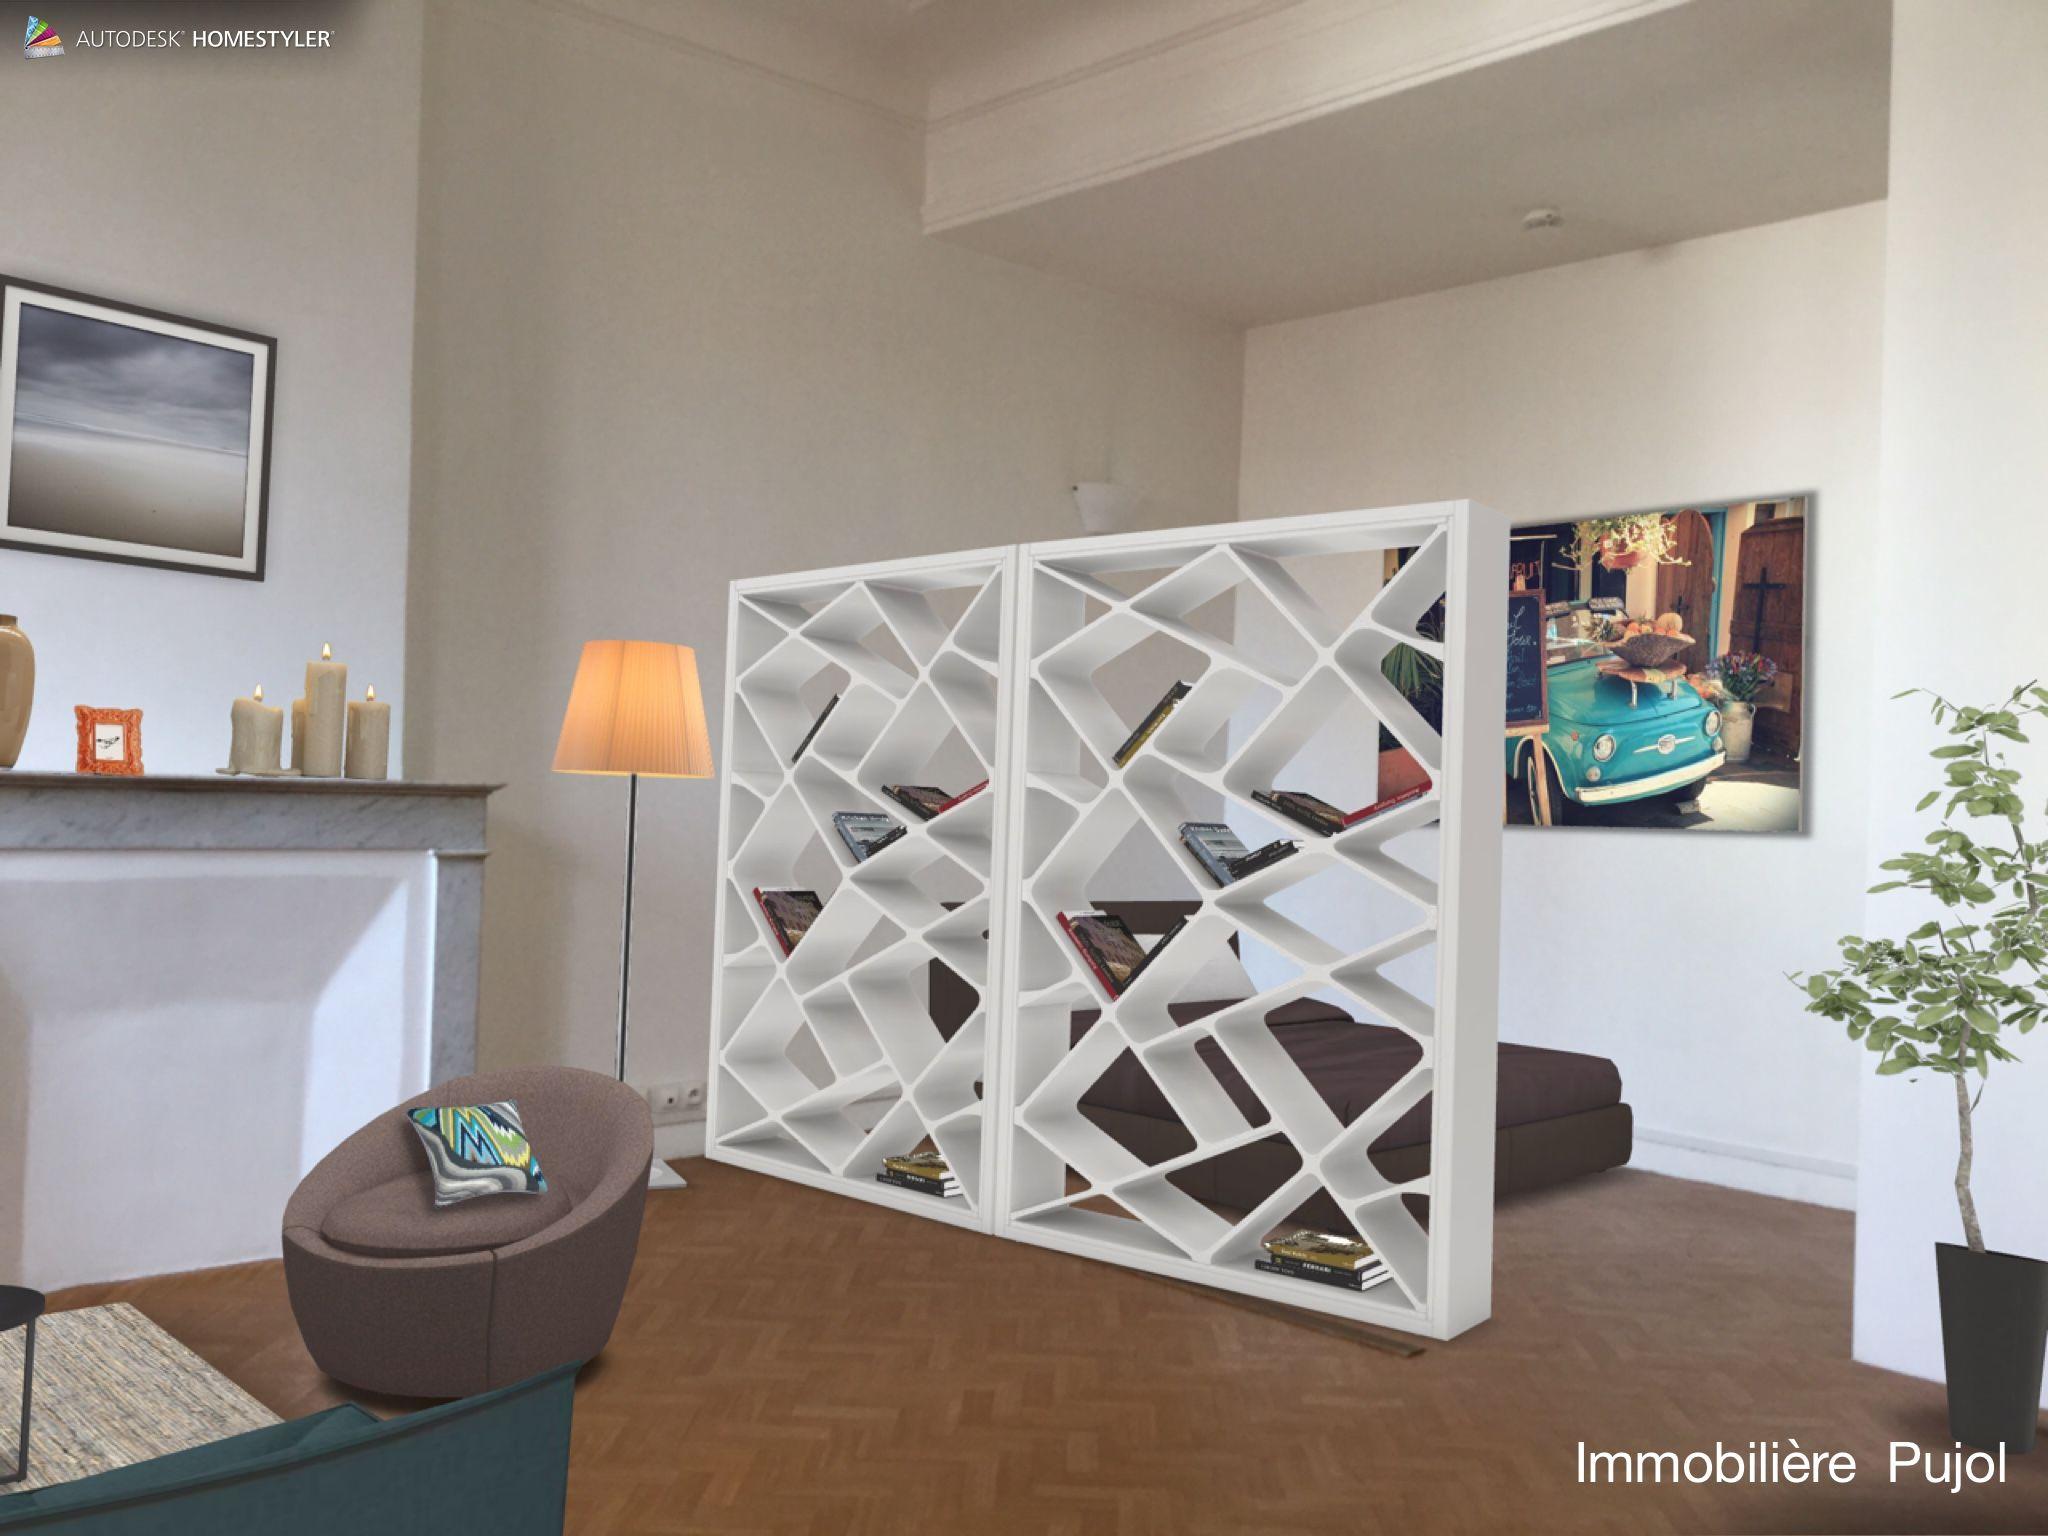 id e de d coration pour cr er un espace nuit dans cet appartement de type 1 de 30m2 louer au 6. Black Bedroom Furniture Sets. Home Design Ideas